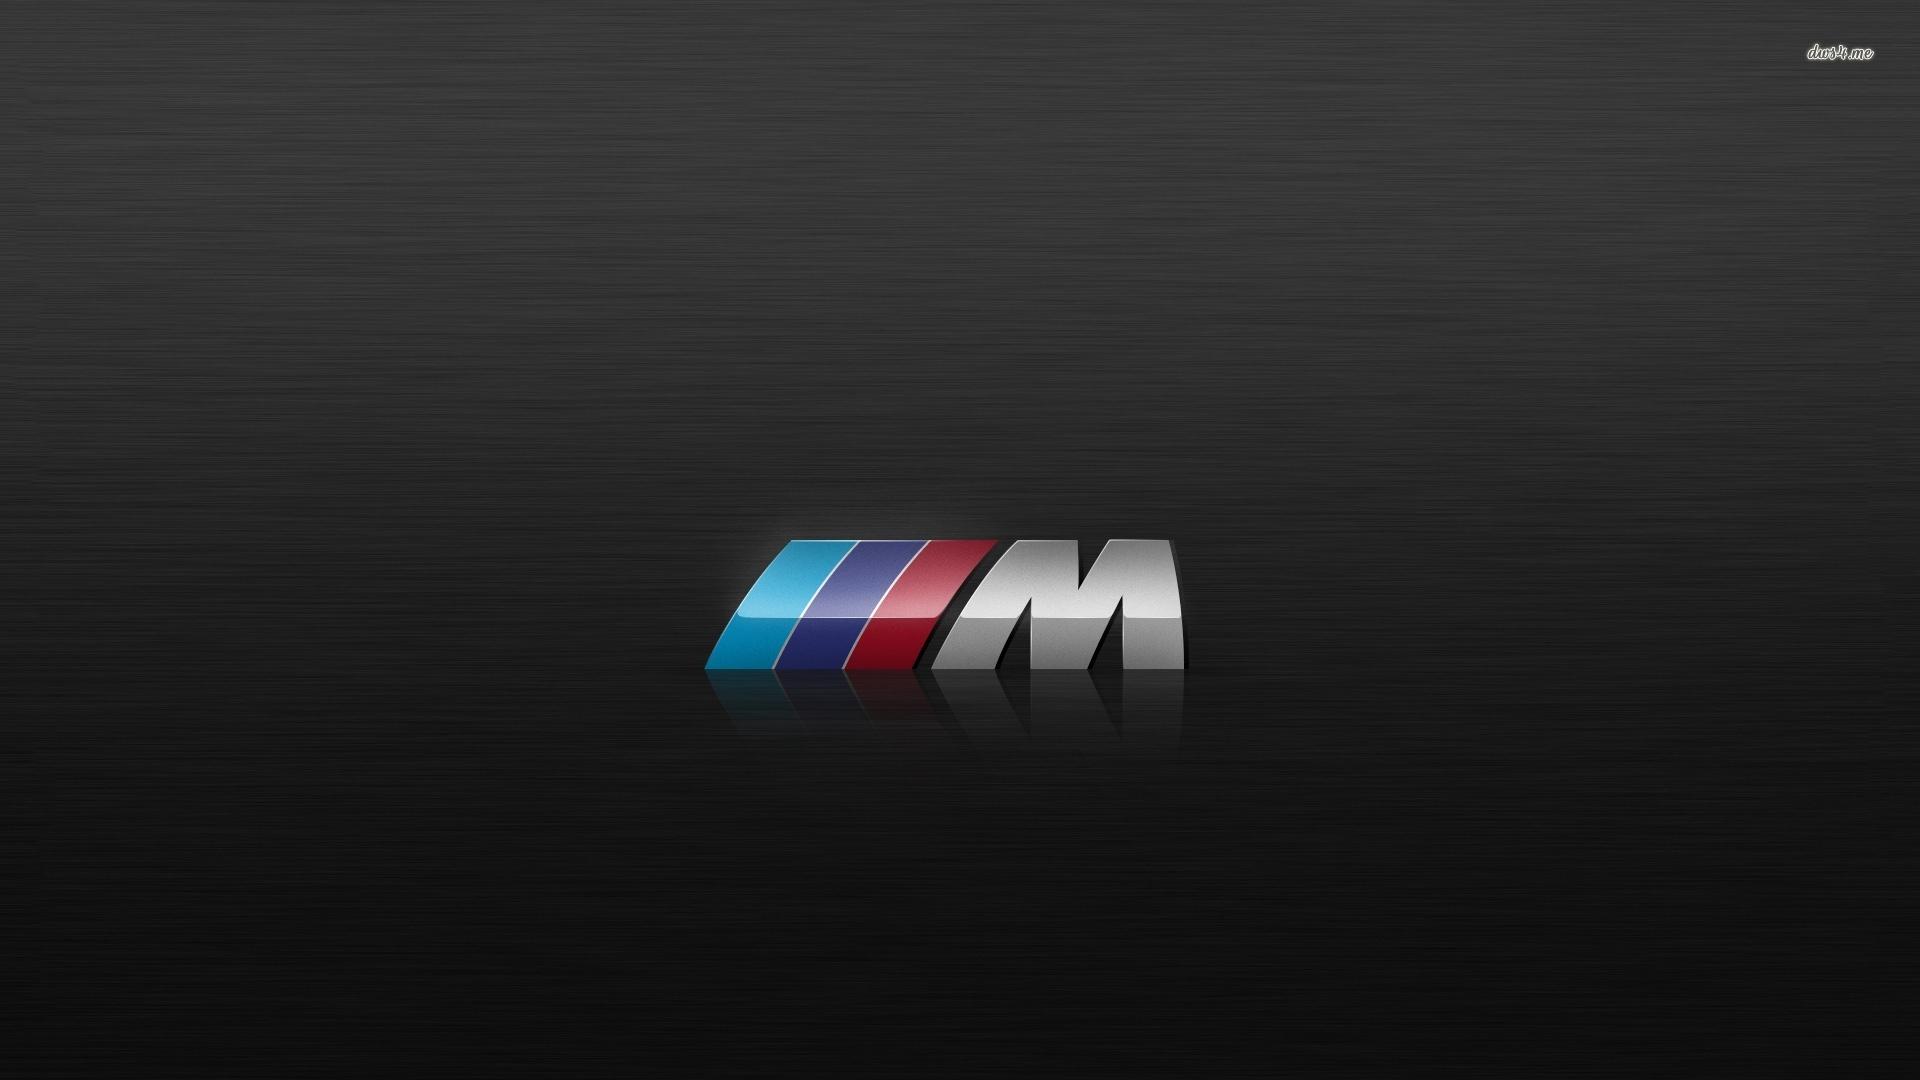 BMW Logo Wallpaper 1920x1080 1920x1080